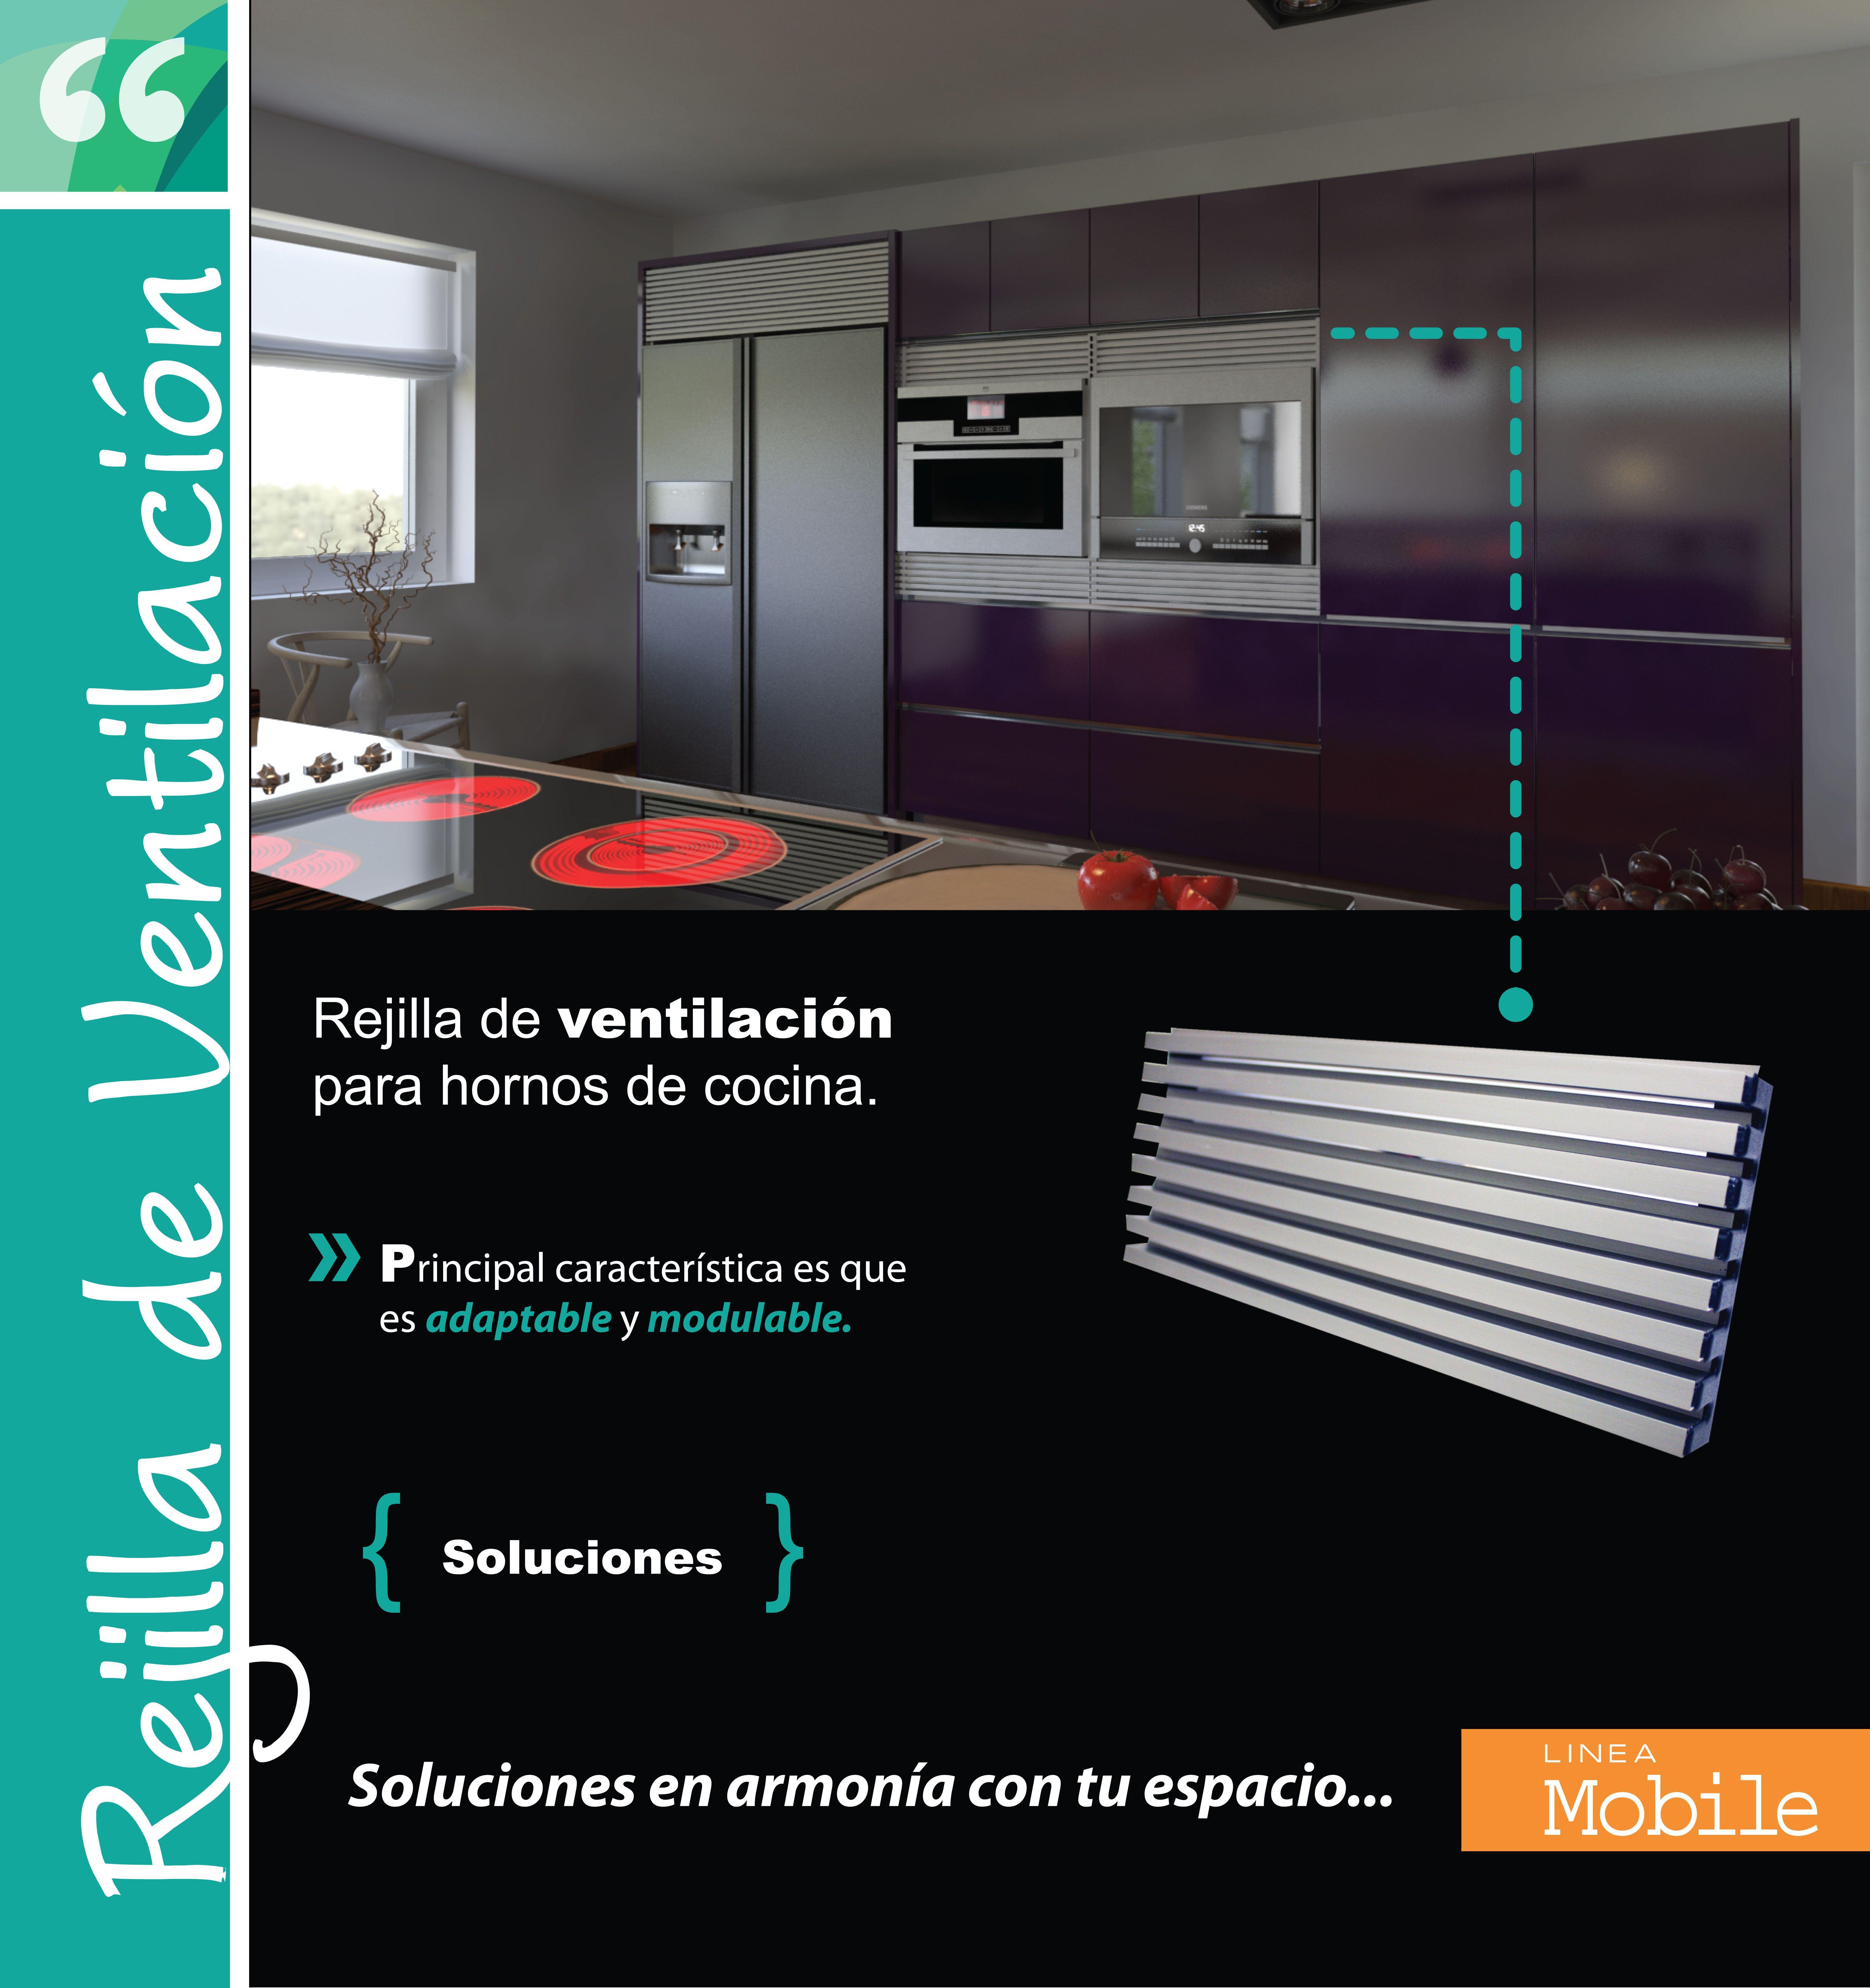 Rejilla de ventilación Rejilla de ventilación para hornos de cocina